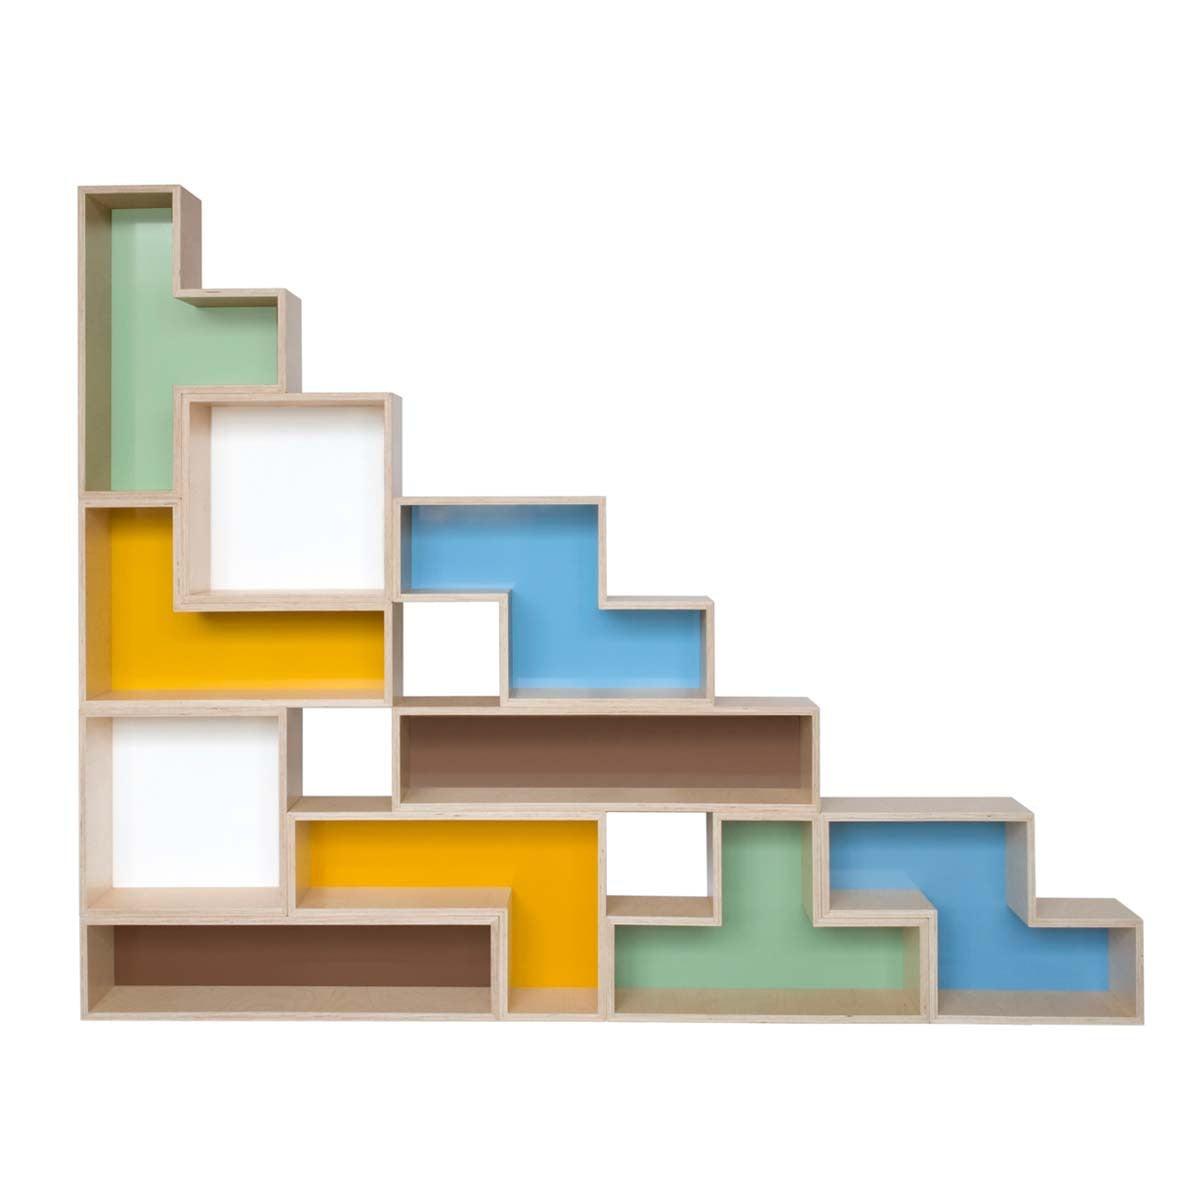 Game room or no game room these tetris inspired blocks for Tetris bookshelf